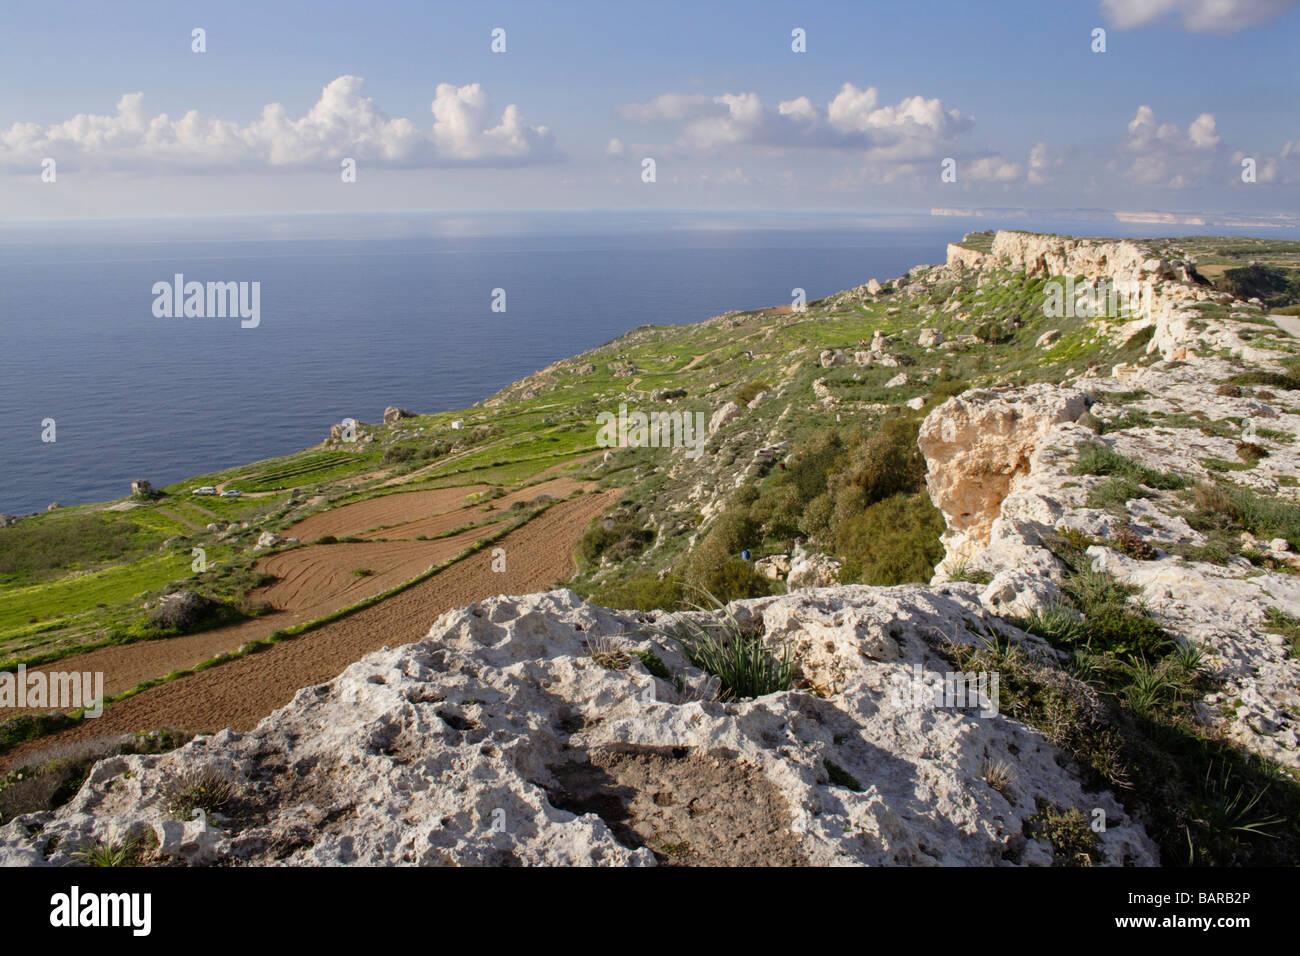 Crête calcaire sur la côte nord-ouest de Malte, une île de la Méditerranée en Europe Photo Stock